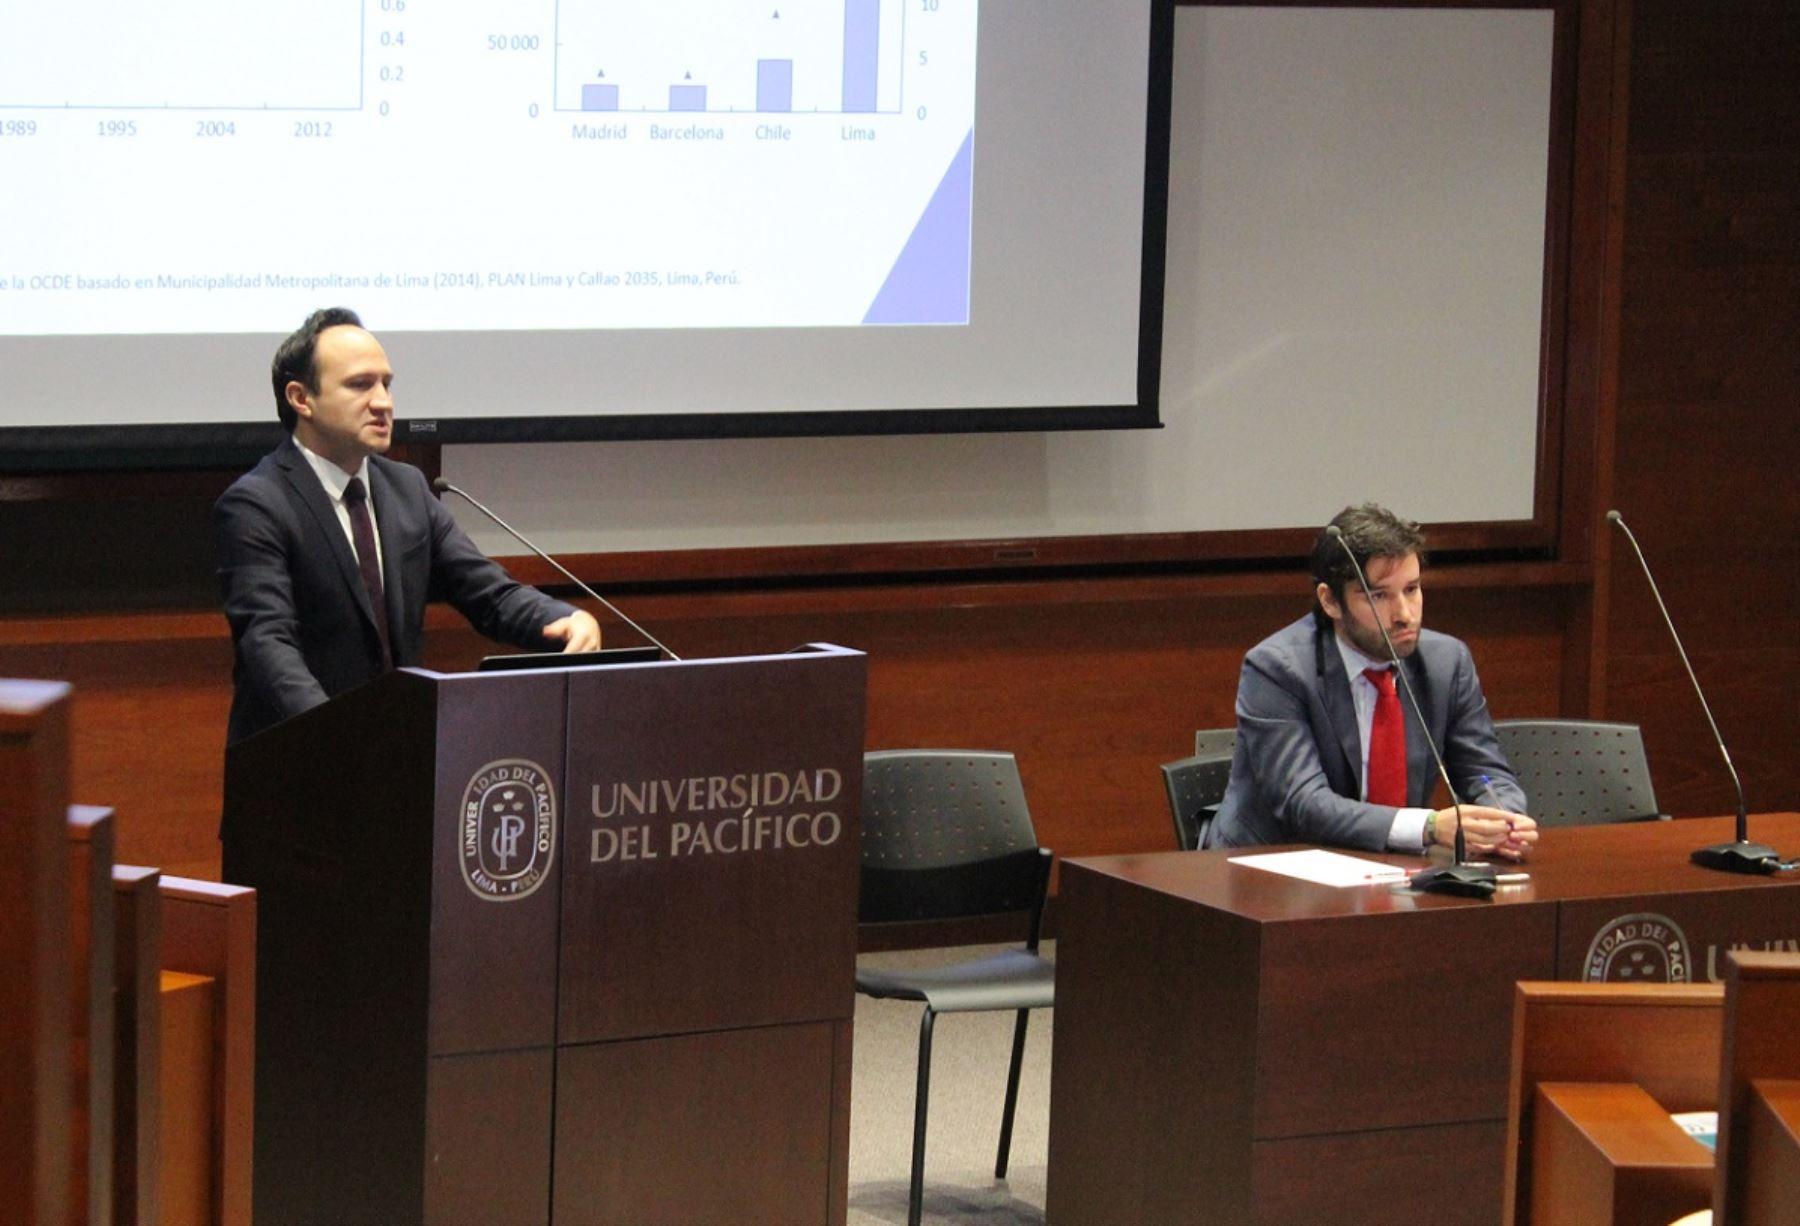 Jefe adjunto América Latina y el Caribe Centro de Desarrollo OCDE, Sebastián Nieto Parra. Foto: Cortesía.